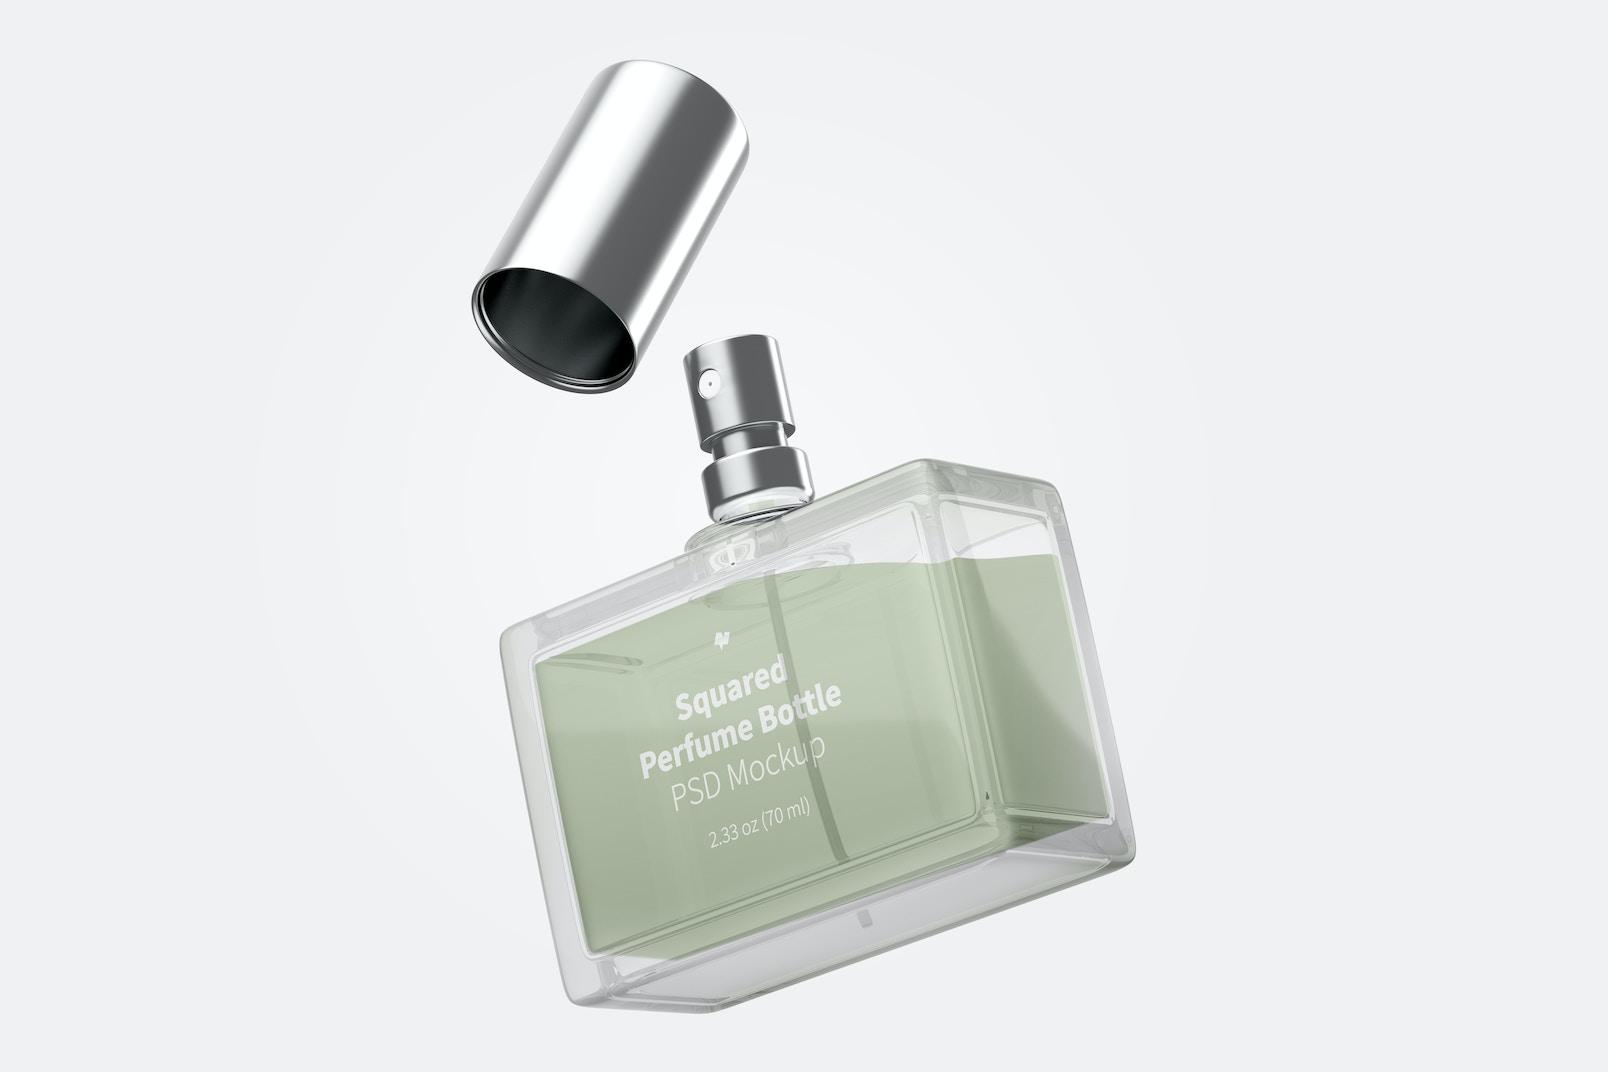 Squared Perfume Bottle Mockup, Floating